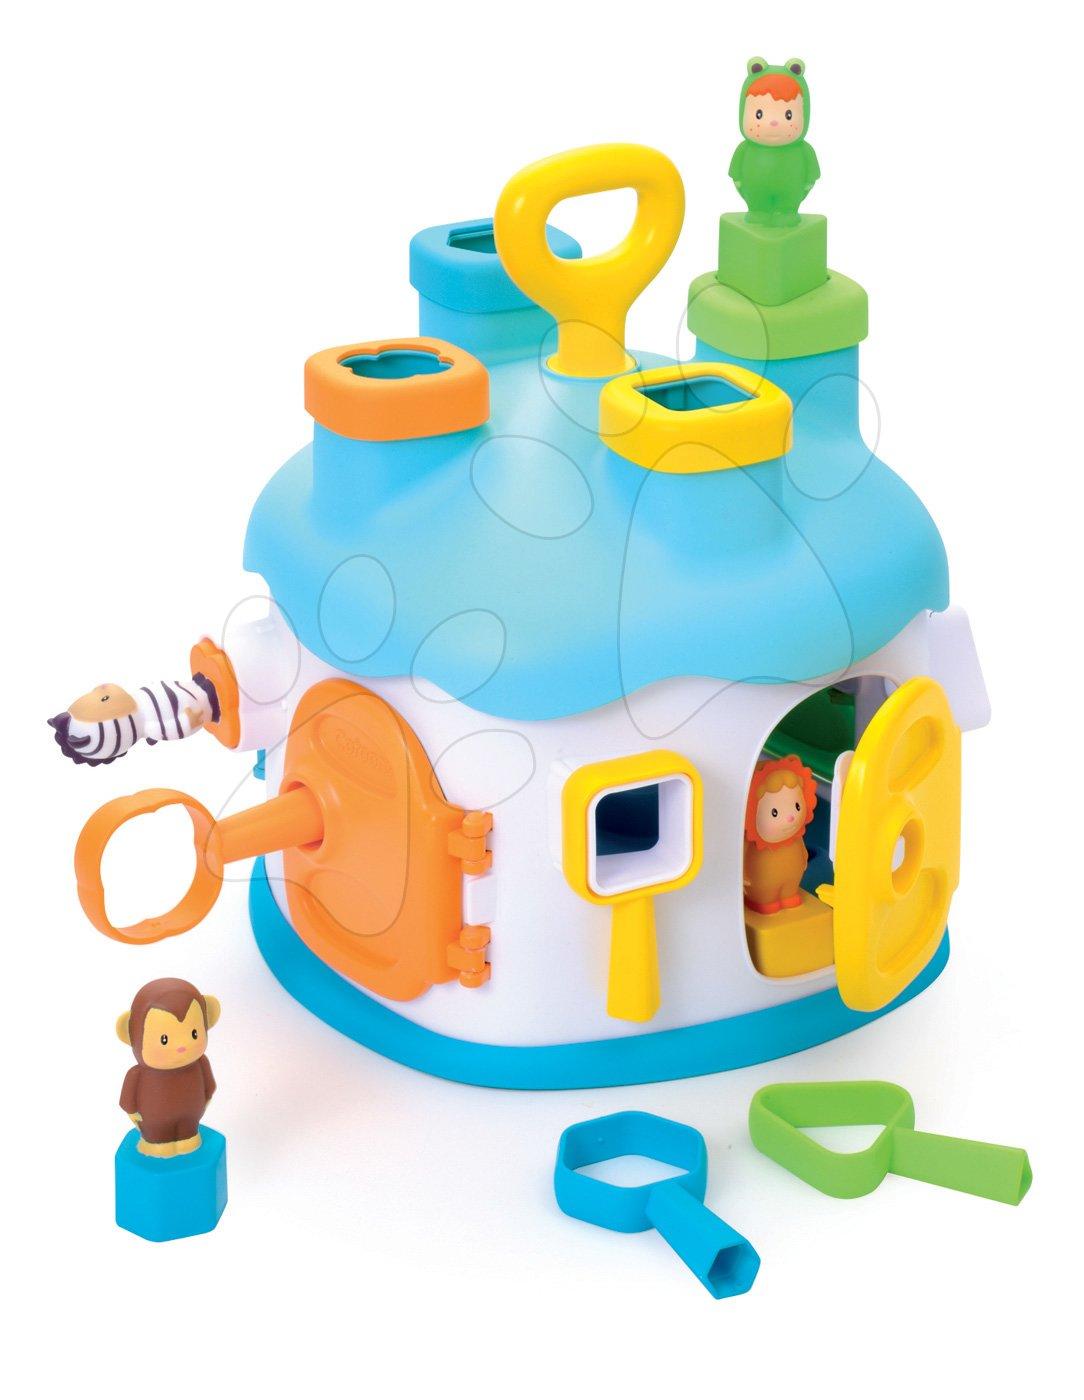 Smoby vkladací domček pre detiCootons s kľúčmi a figúrkami modrý